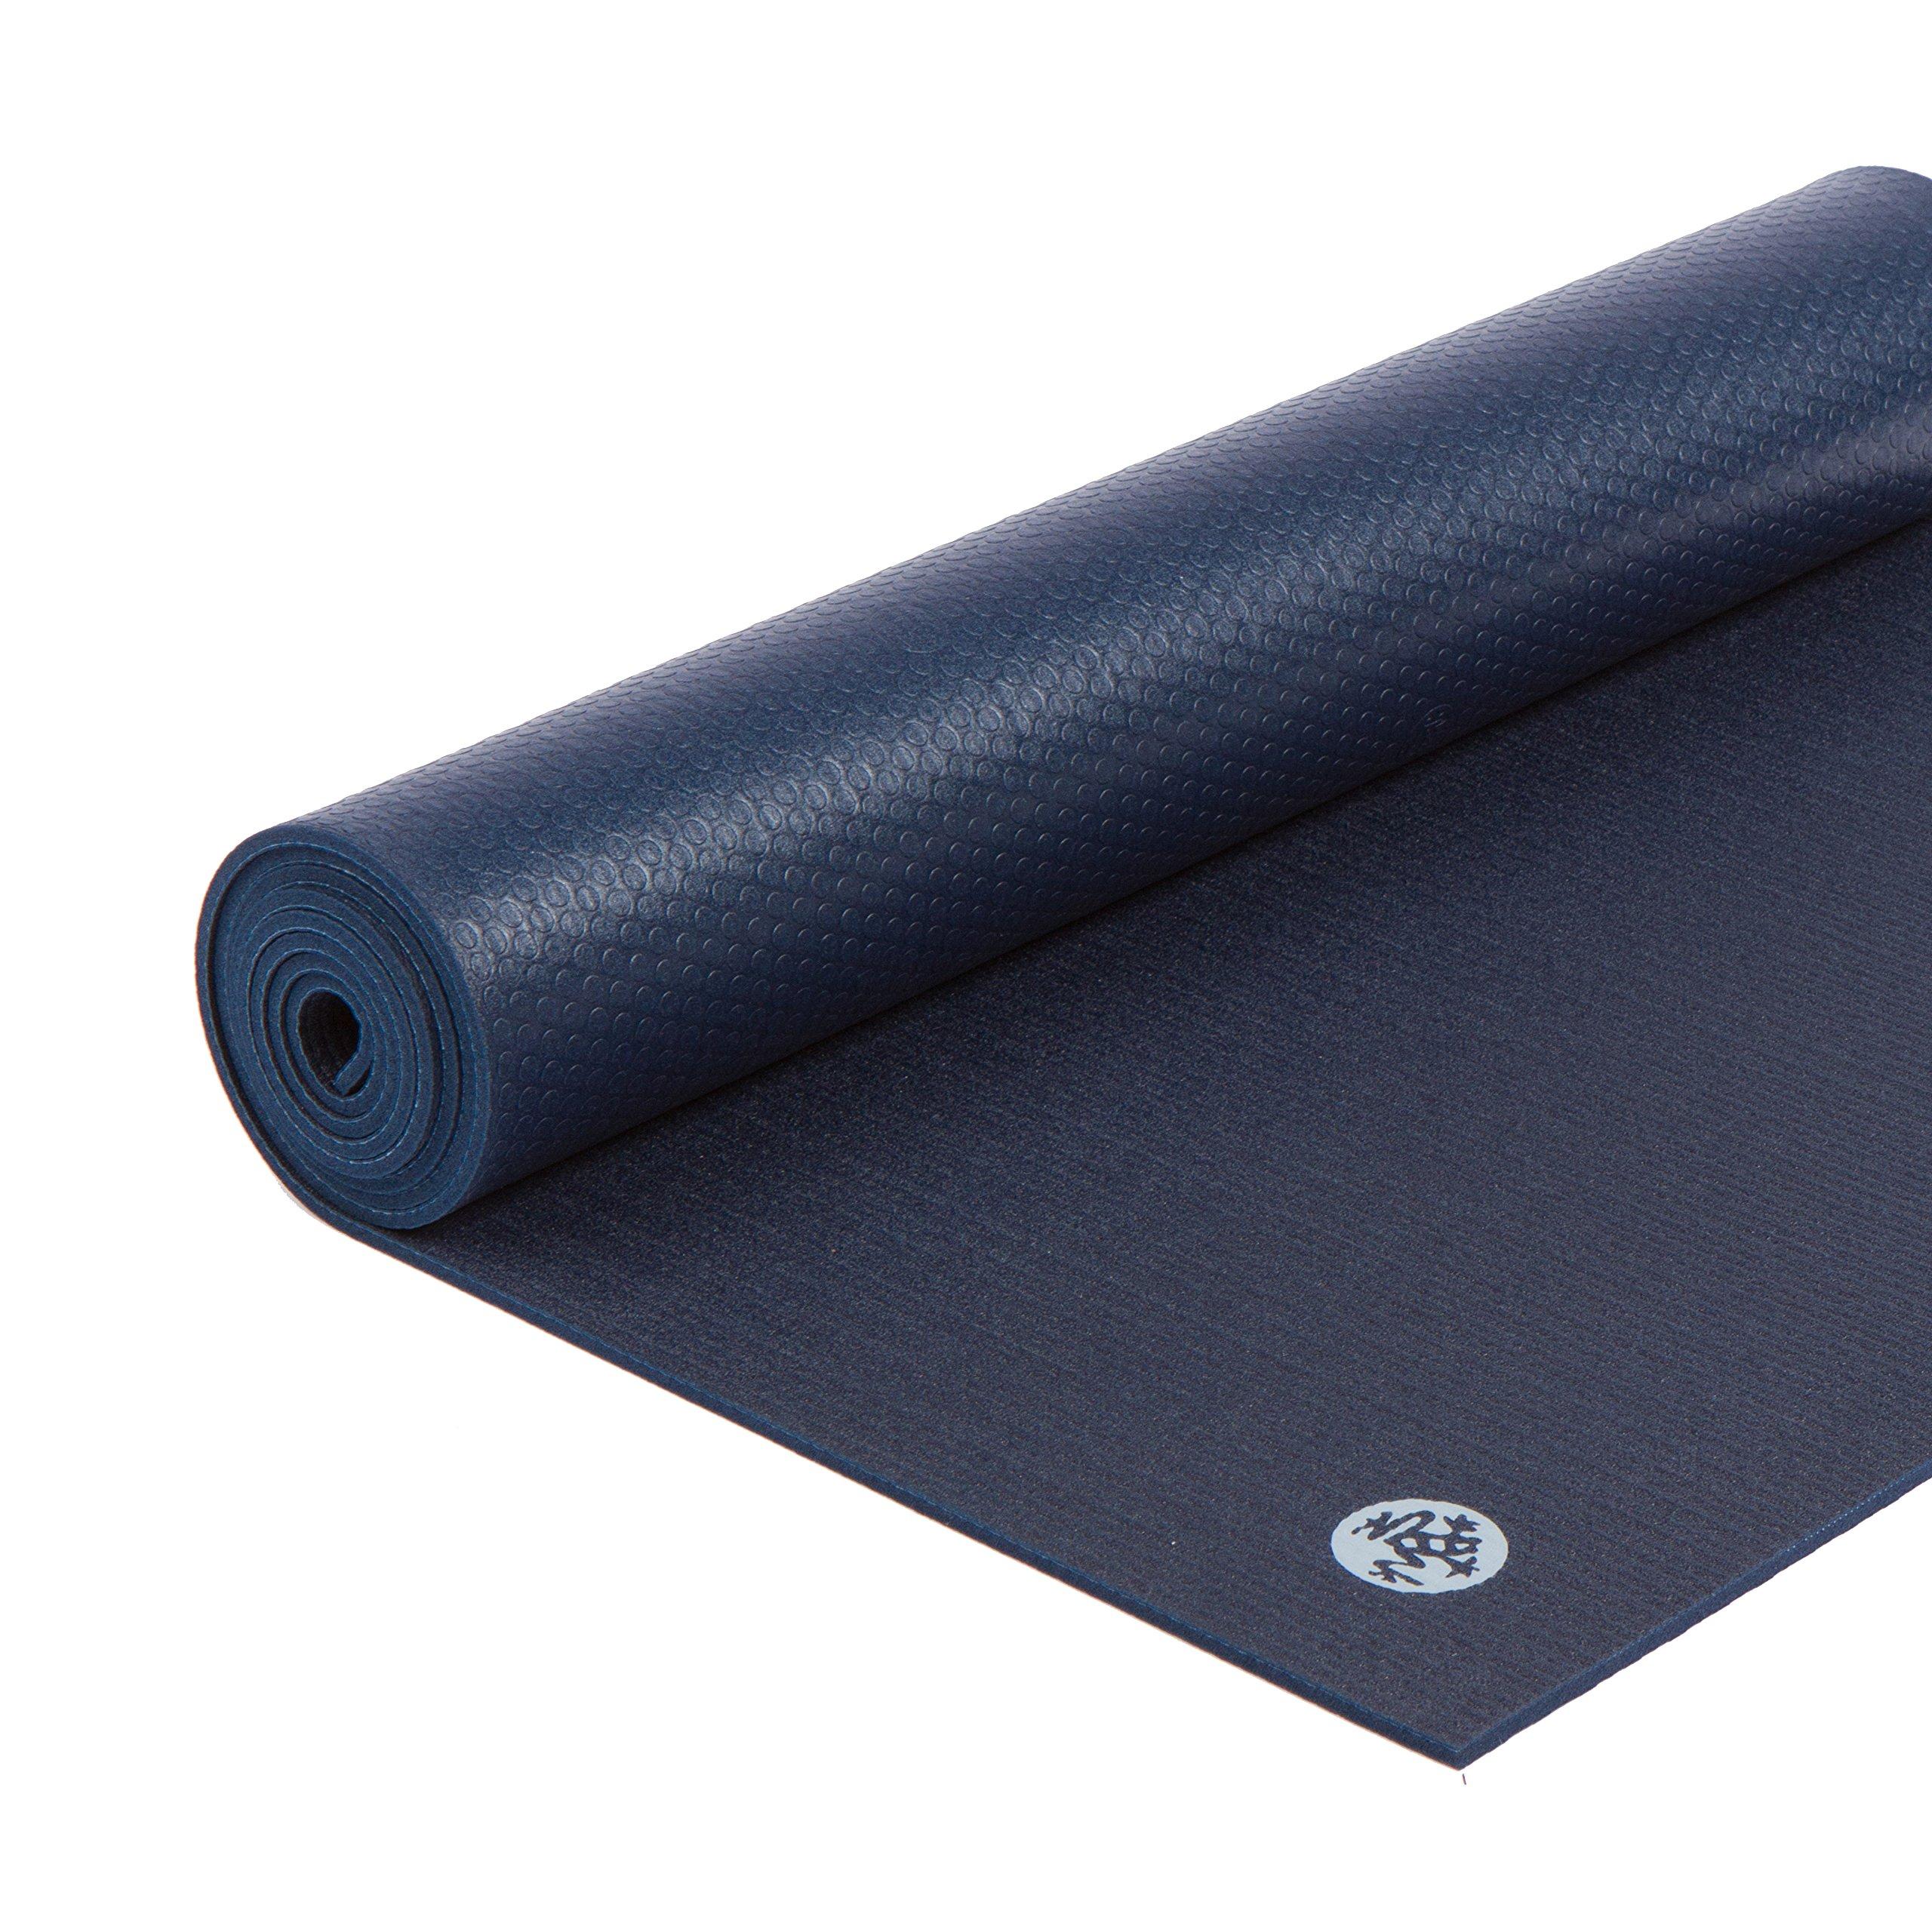 Manduka 112011110 Prolite Yoga and Pilates Mat, Midnight, 79'' by Manduka (Image #1)